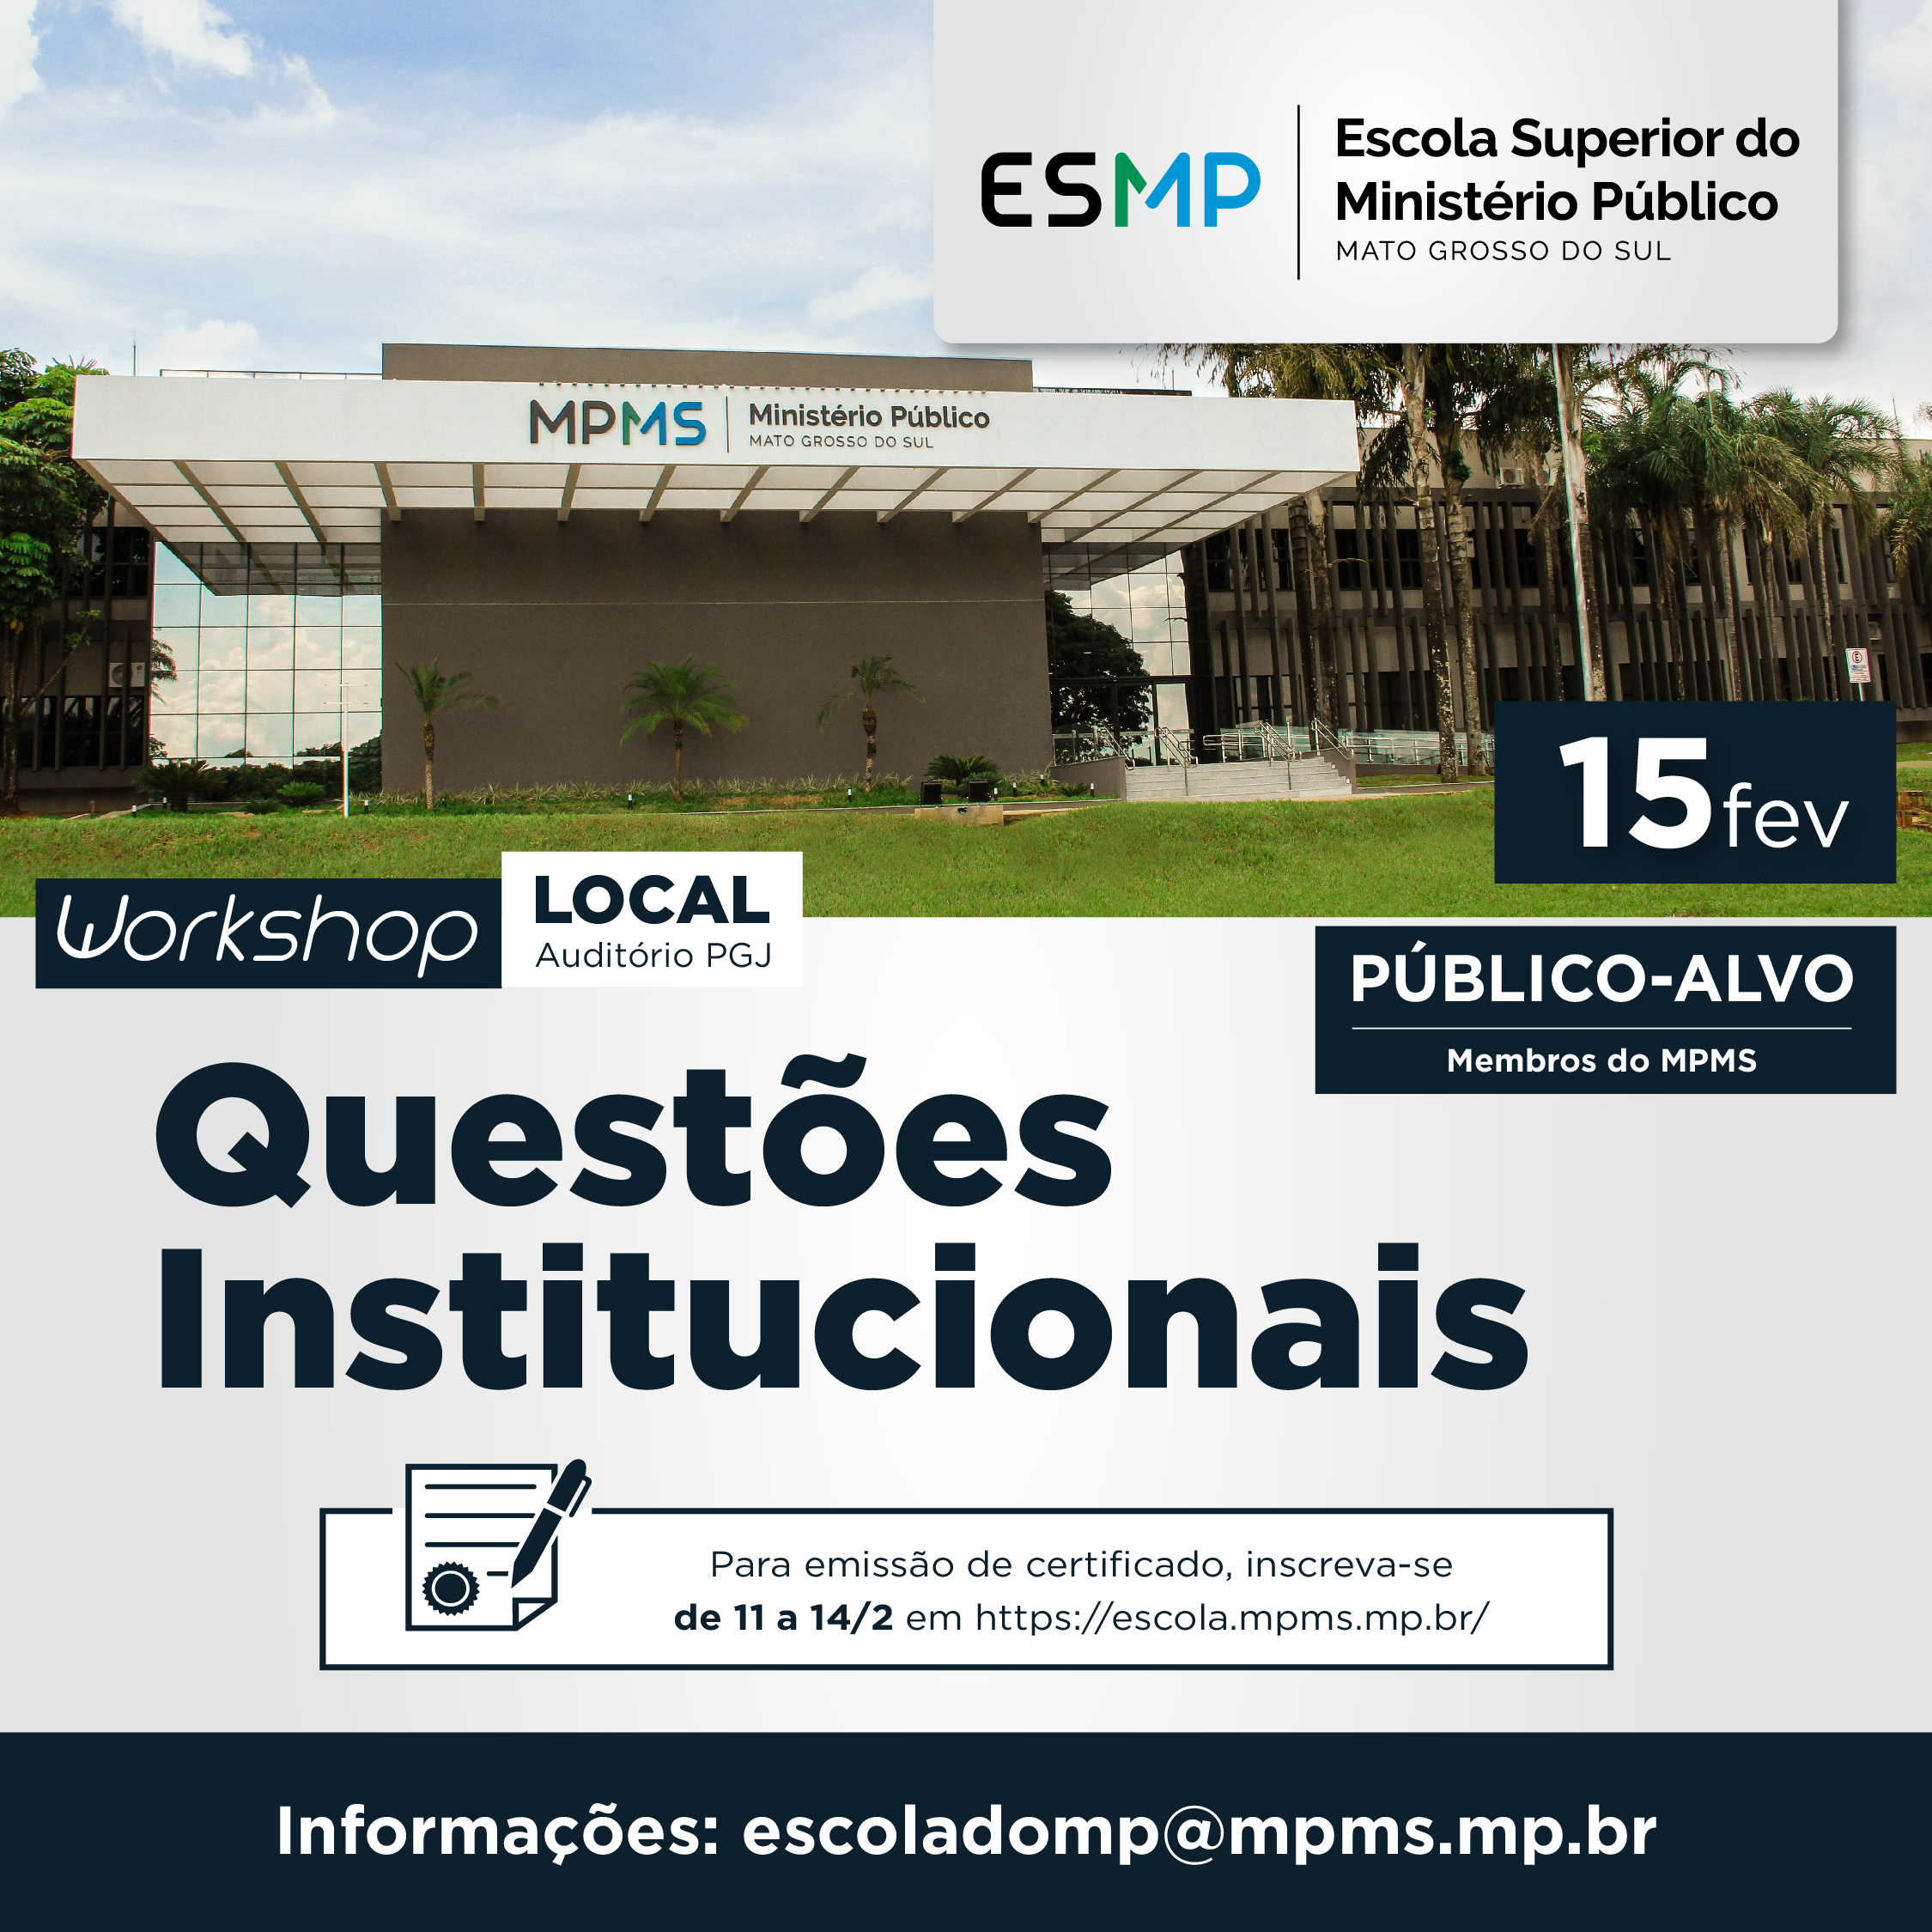 Workshop Questões Institucionais